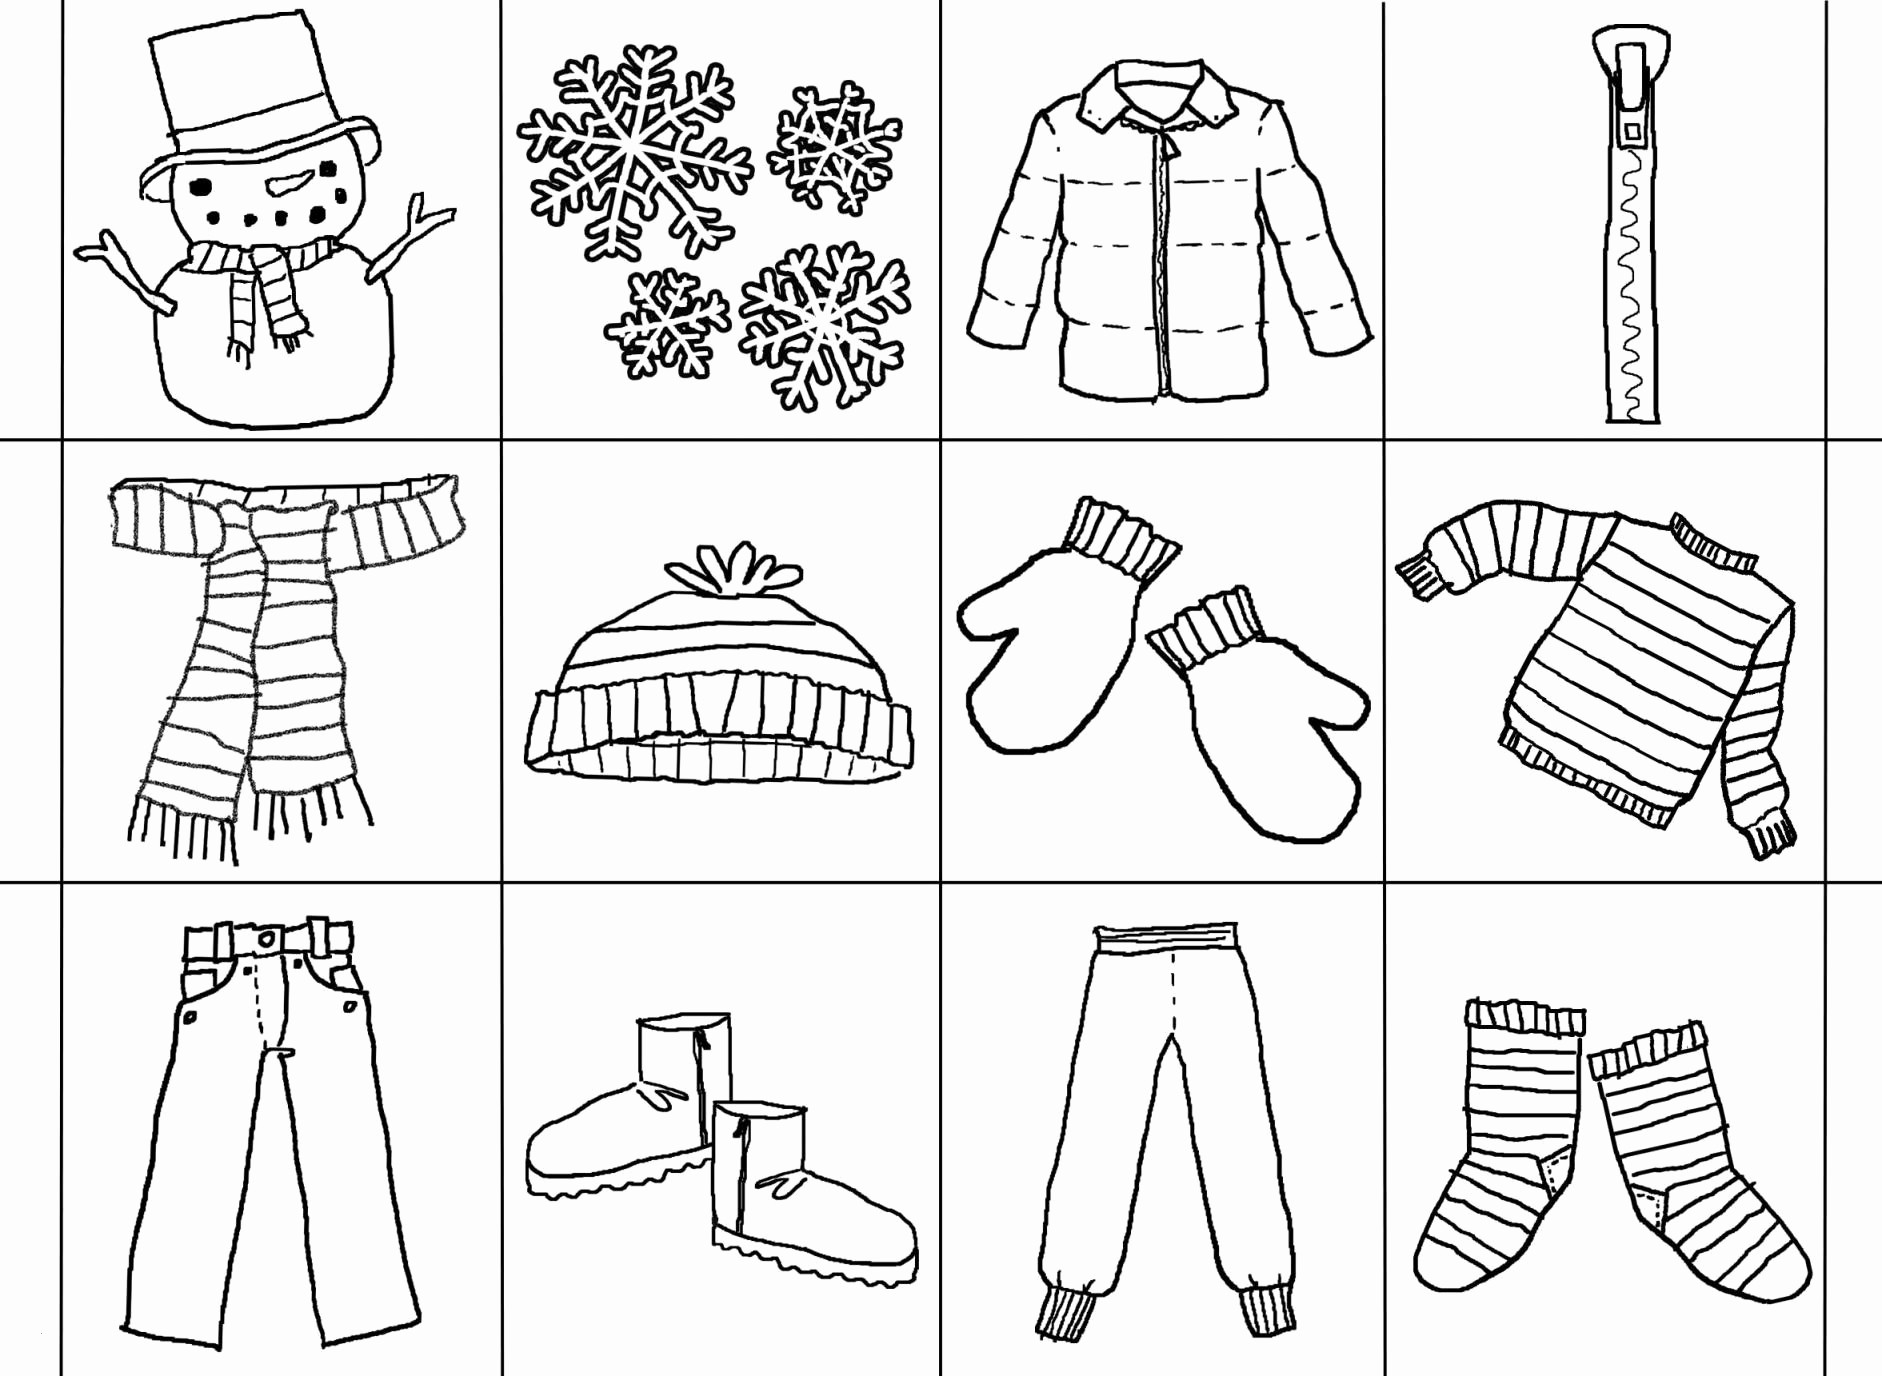 Malvorlagen Bibi Und Tina Frisch 59 Kollektionen Von Designs Von Ausmalbilder Bibi Und Tina Sammlung